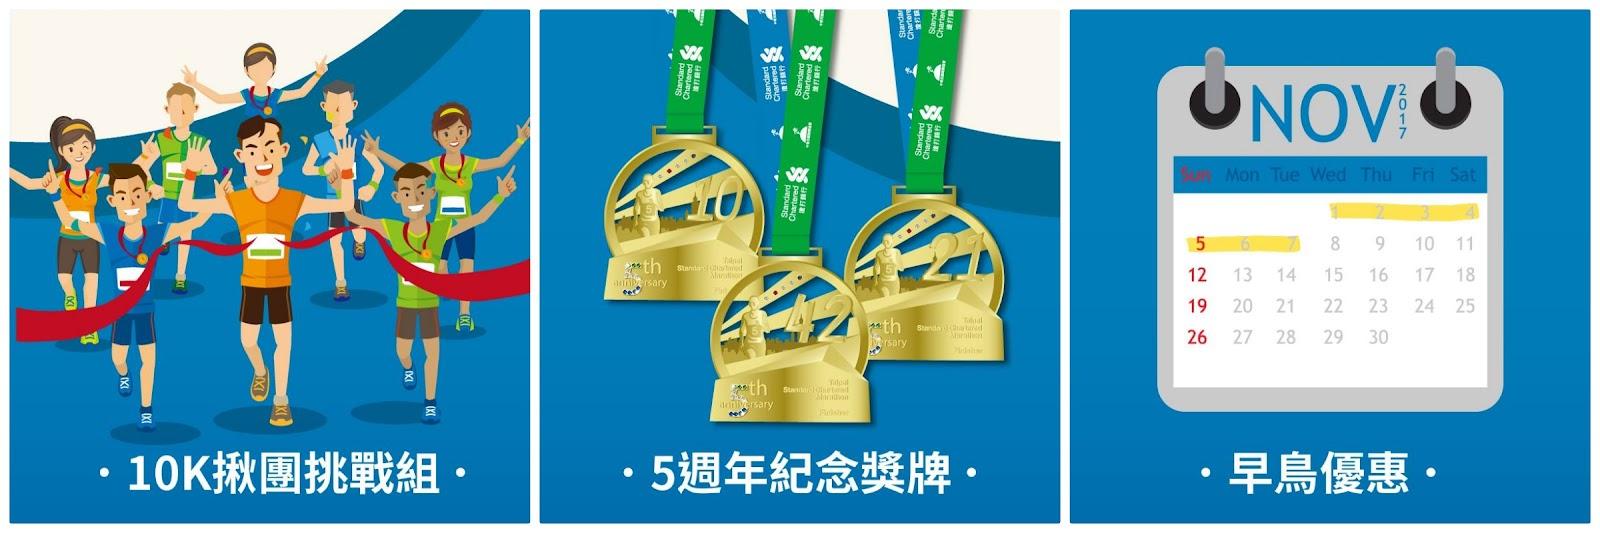 【賽事】臺北渣打公益馬拉松 5 週年 首次推出限量早鳥優惠